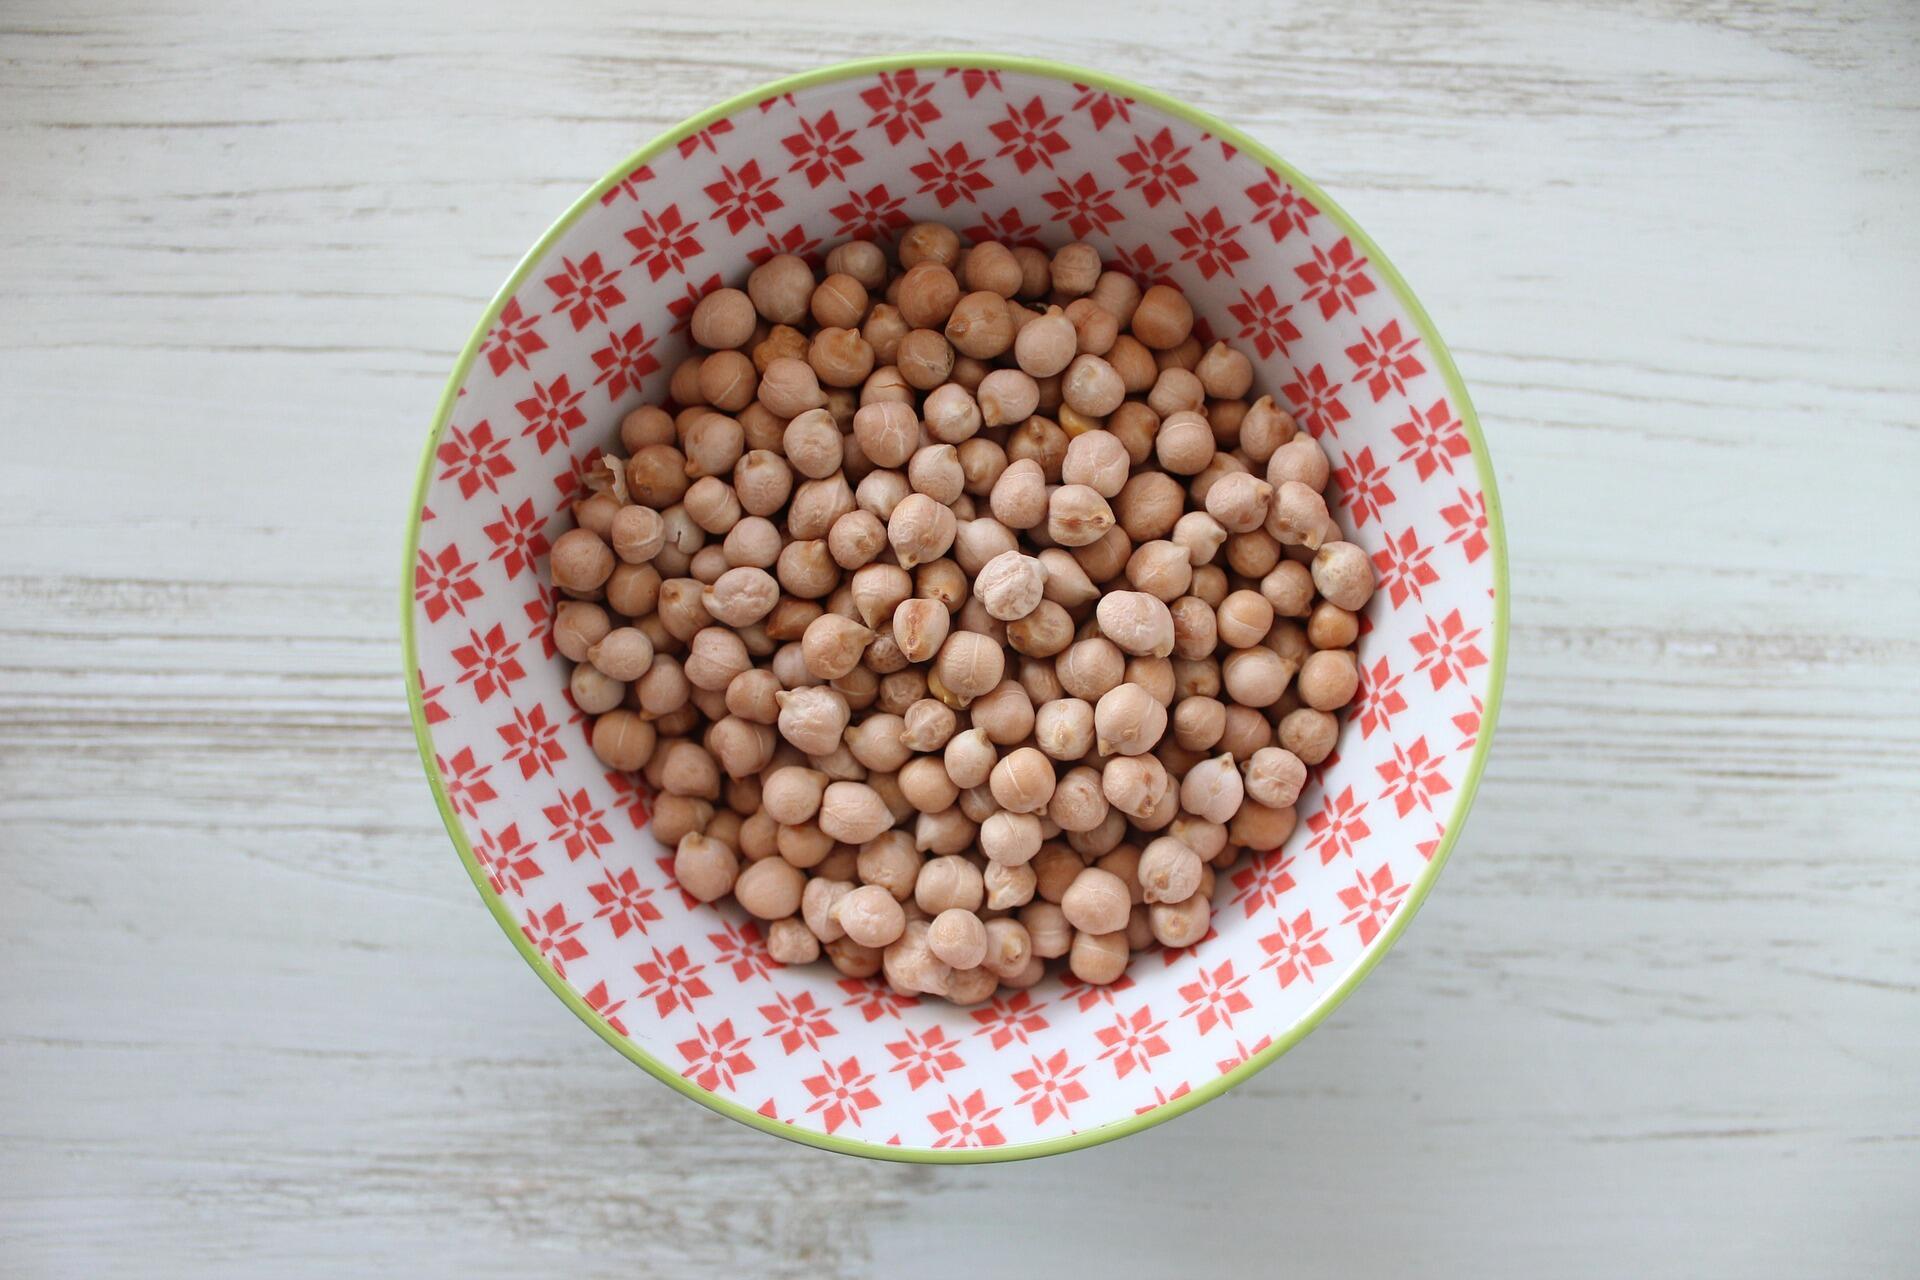 Las legumbres tambi&eacute&#x3B;n cuentan en las &ldquo&#x3B;5 al d&iacute&#x3B;a&rdquo&#x3B;